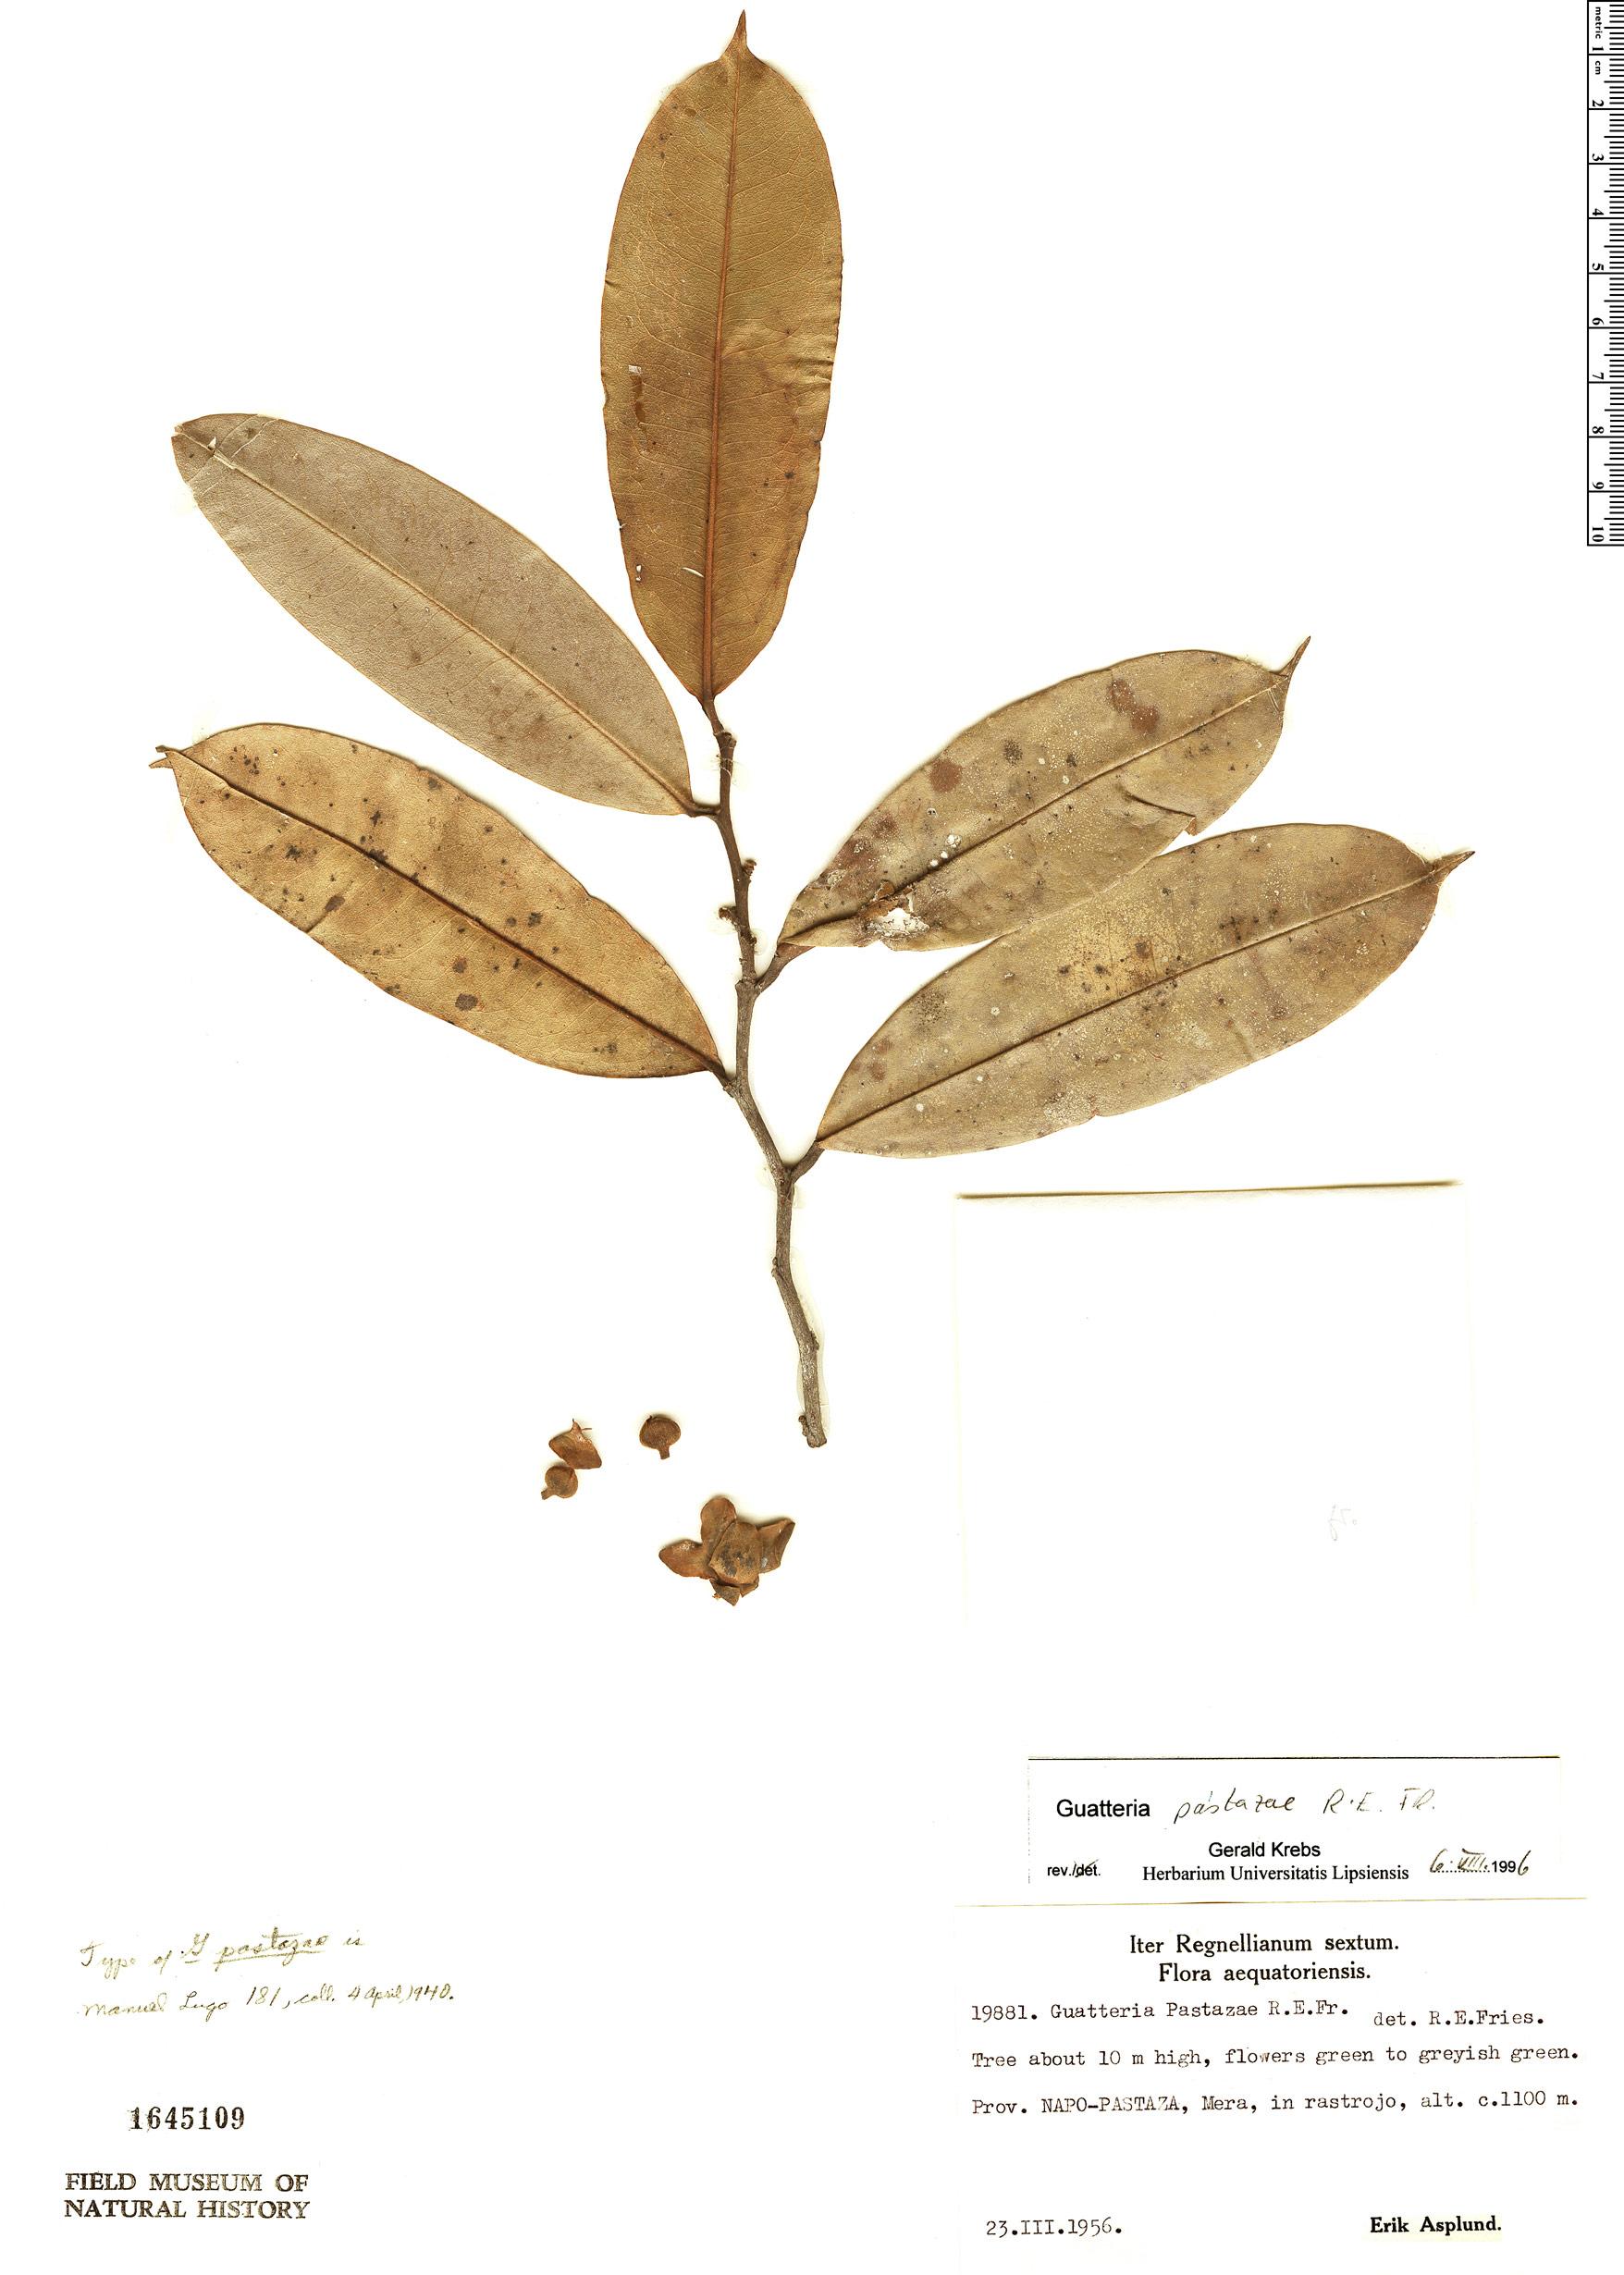 Specimen: Guatteria pastazae